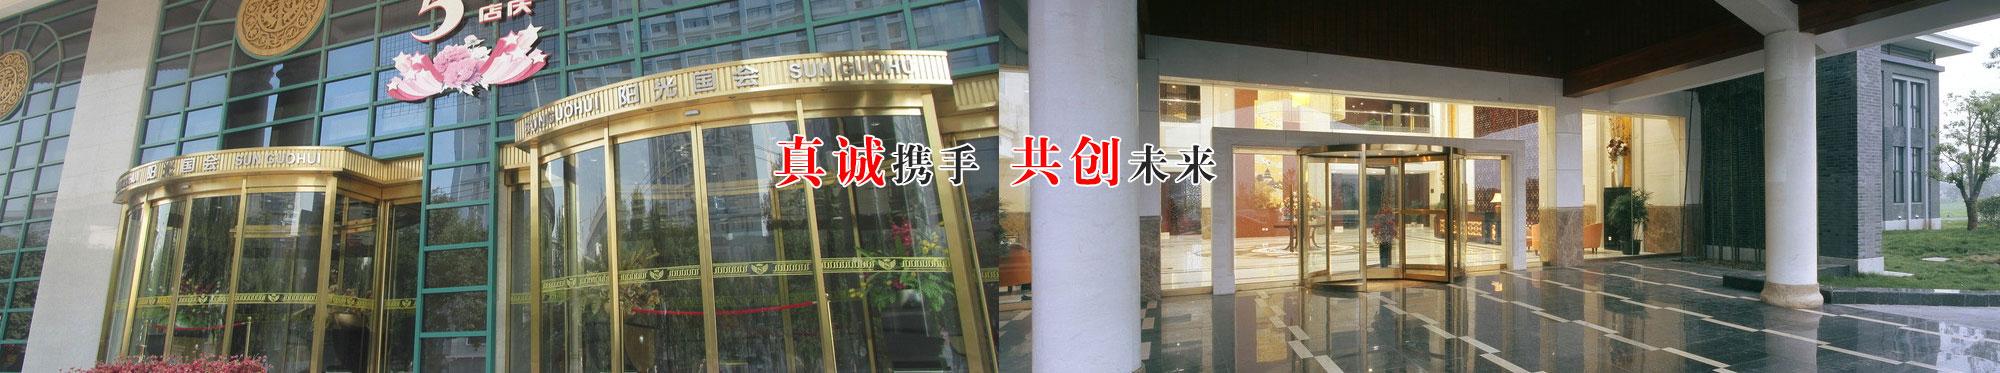 临沂商城鑫华强不锈钢材料商行